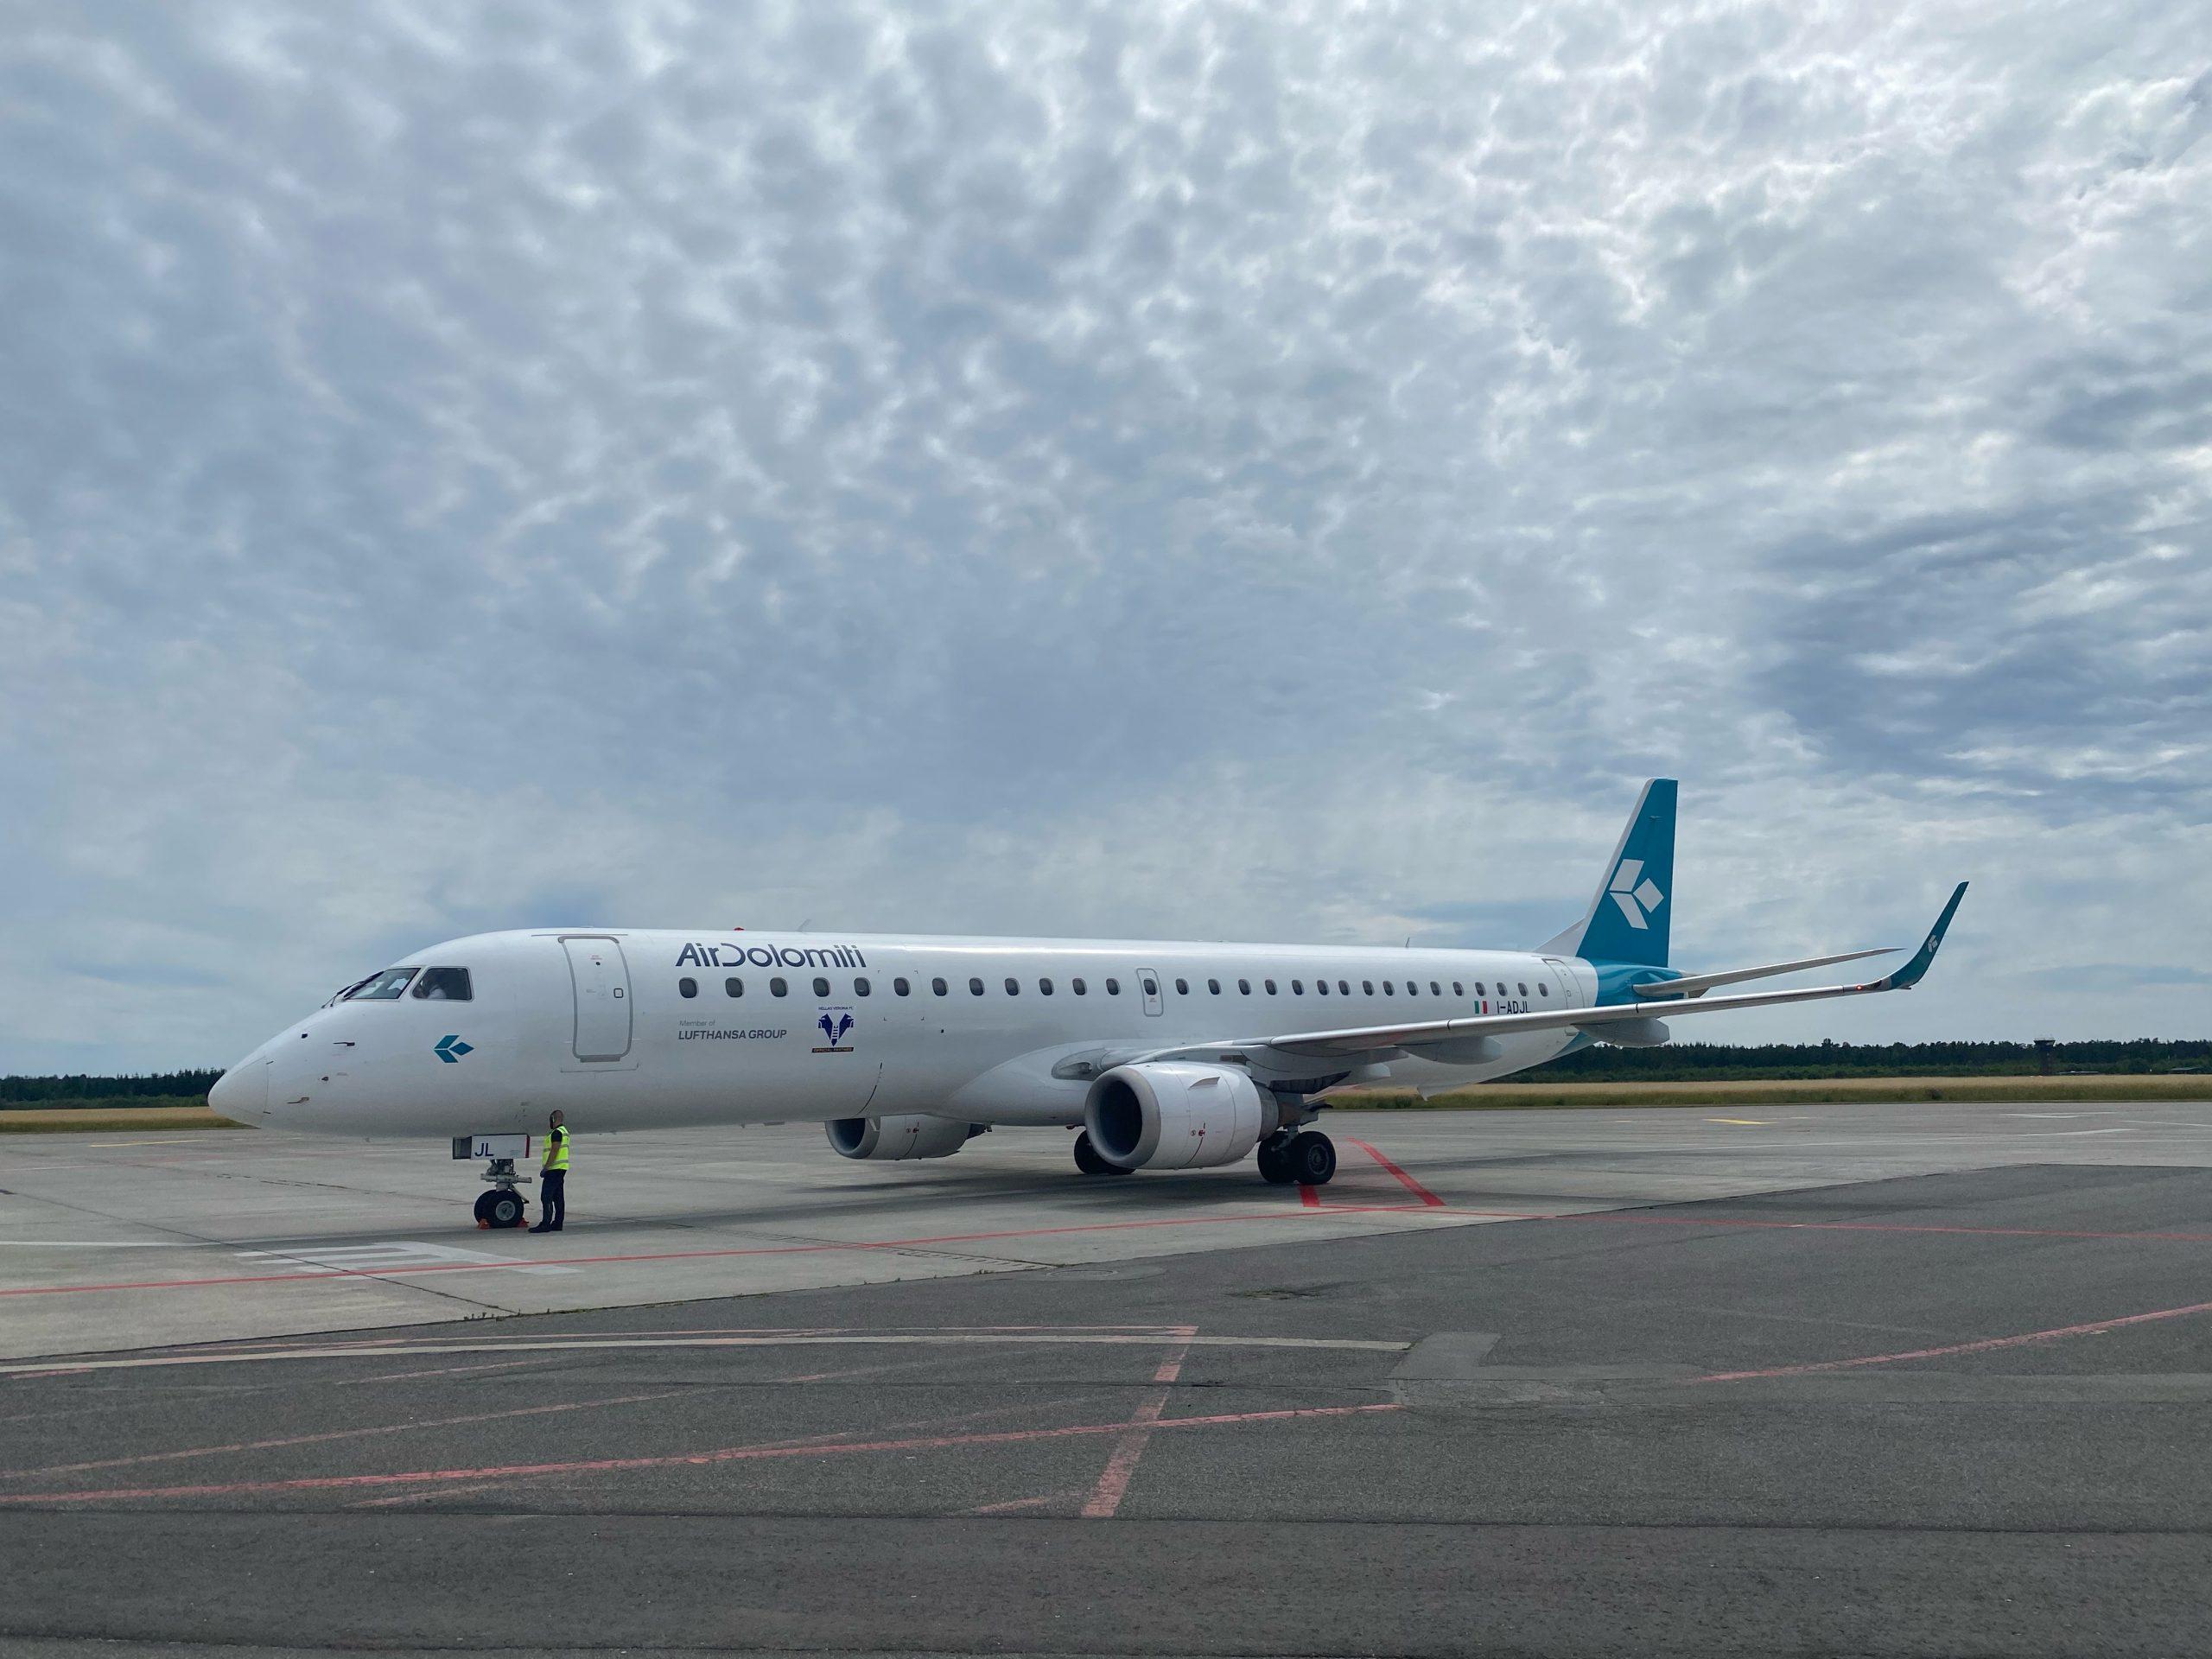 Air Dolomiti er kommet til Aarhus Airport. (Foto: Aarhus Airport)